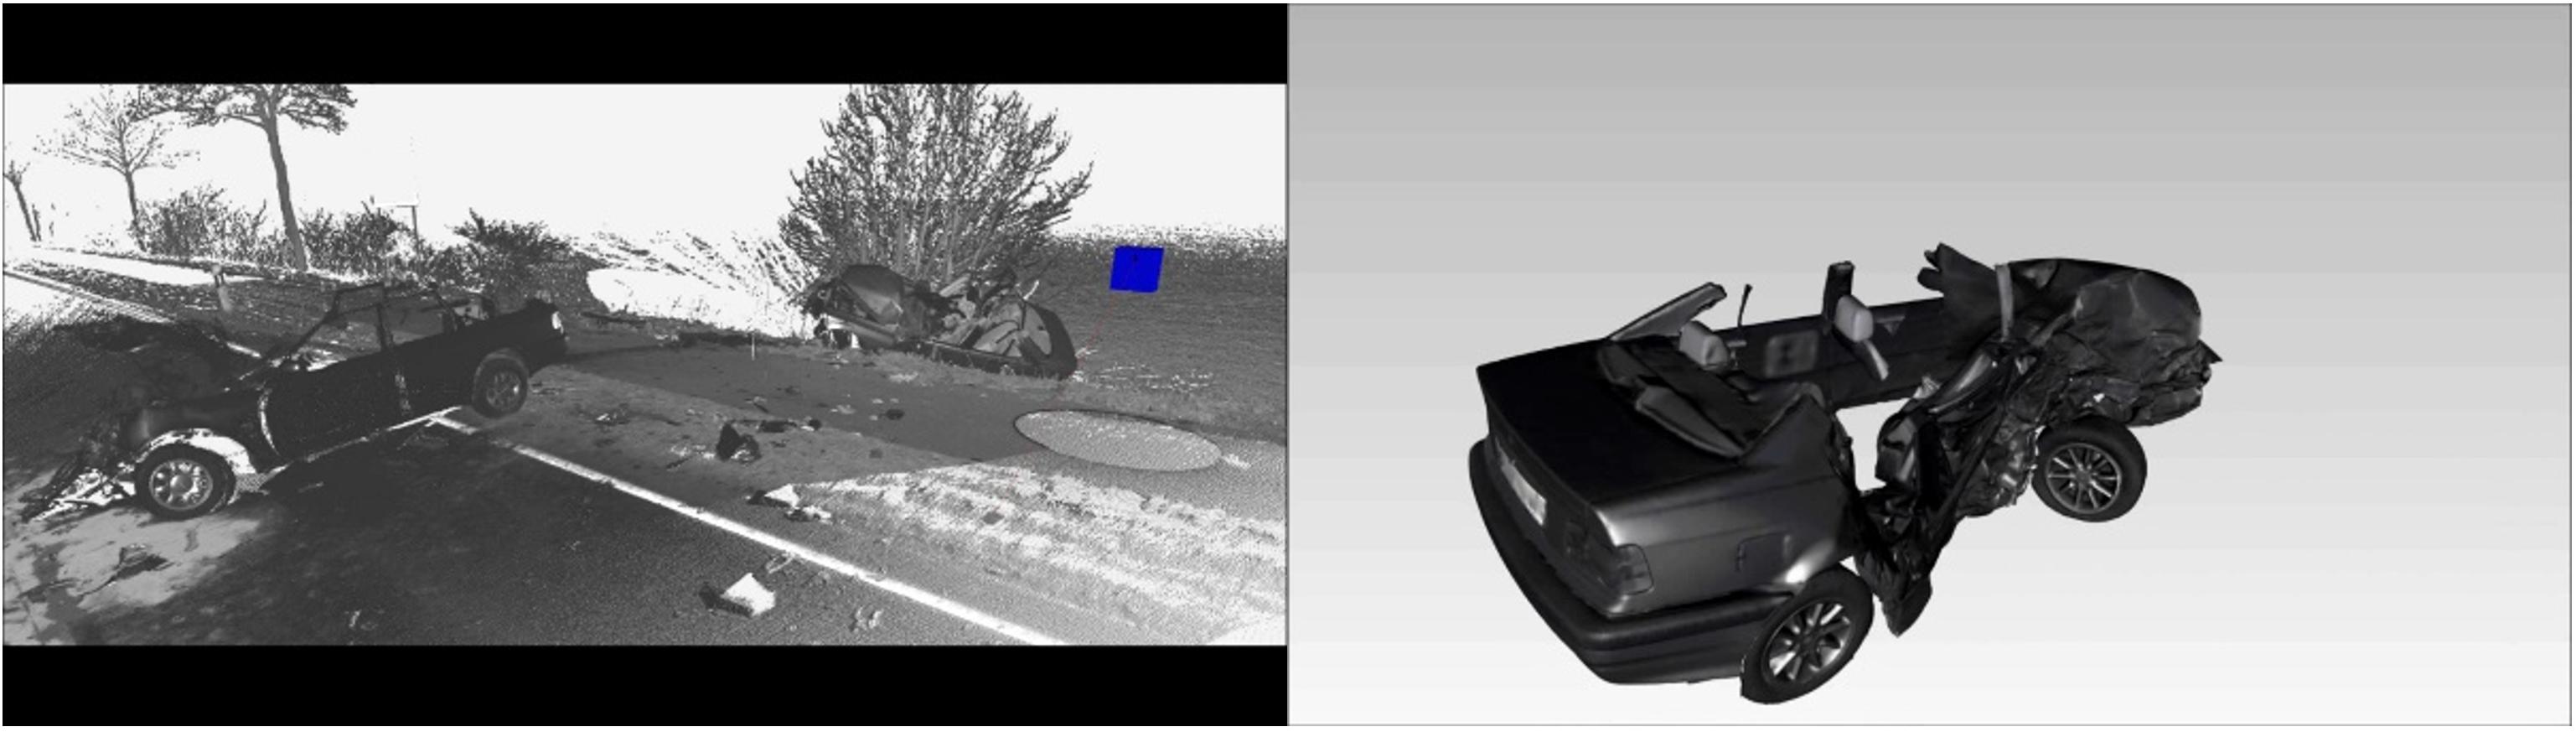 三維激光掃描儀在刑偵或事故現場勘察中的應用,三維掃描儀應用于刑偵事件的車輛提取展示圖